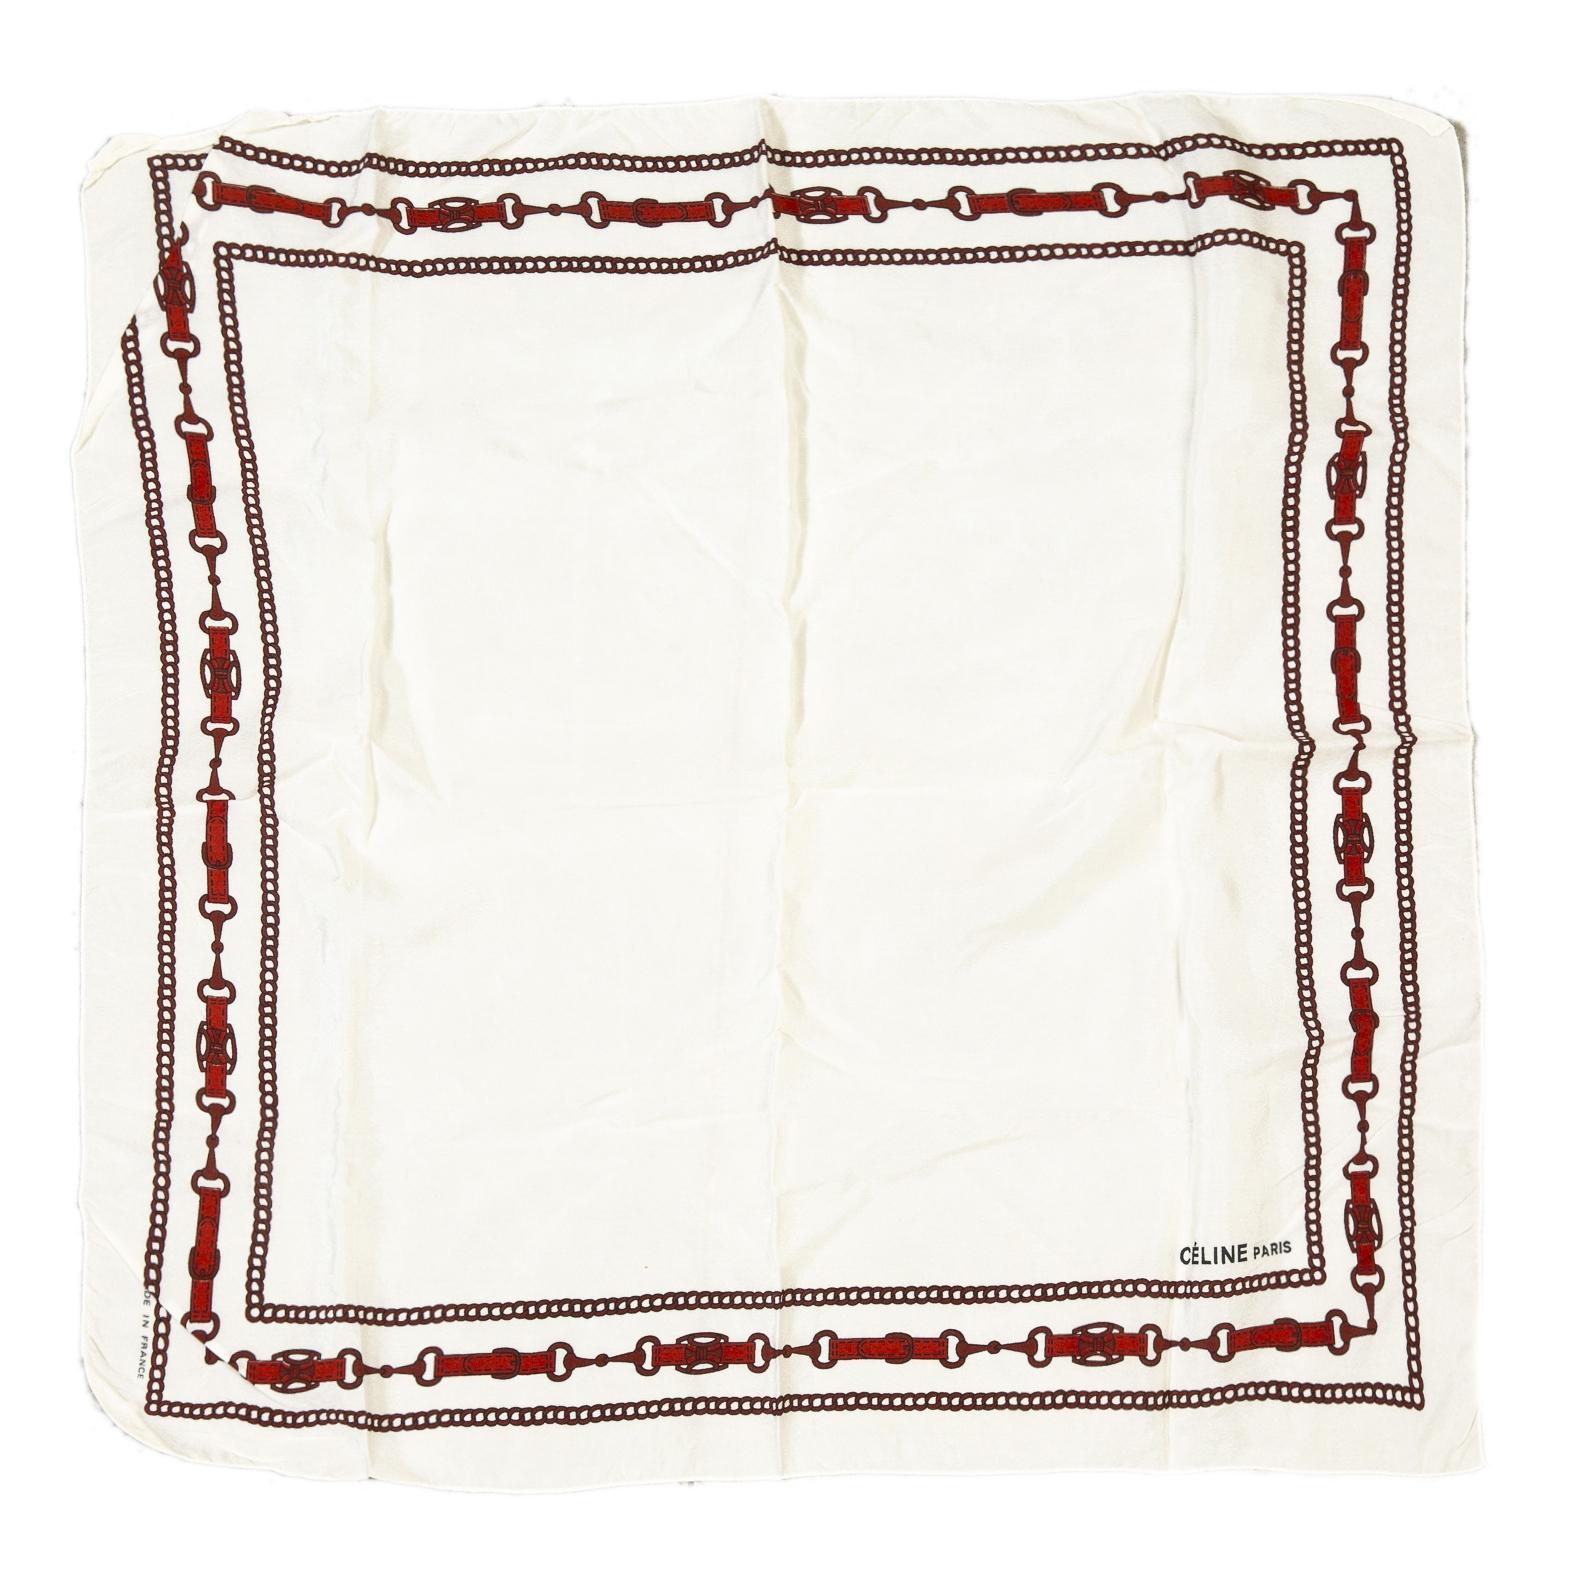 Koop online tweedehands Celine sjaal bij labellov antwerpen, designer vintage.